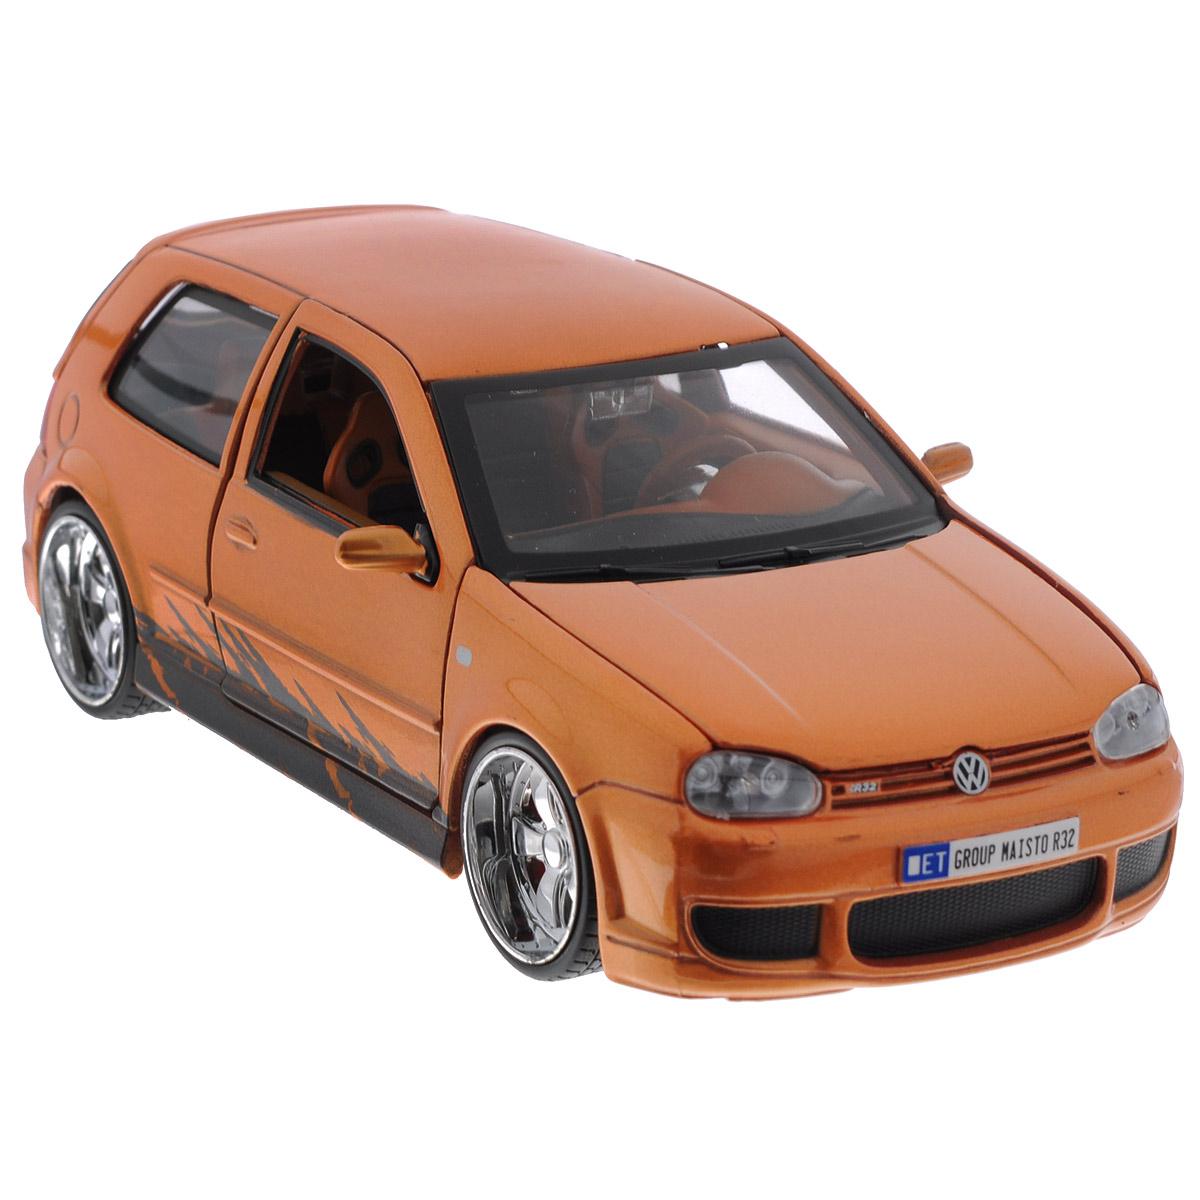 Maisto Модель автомобиля Volkswagen Golf R32 цвет оранжевый 31043